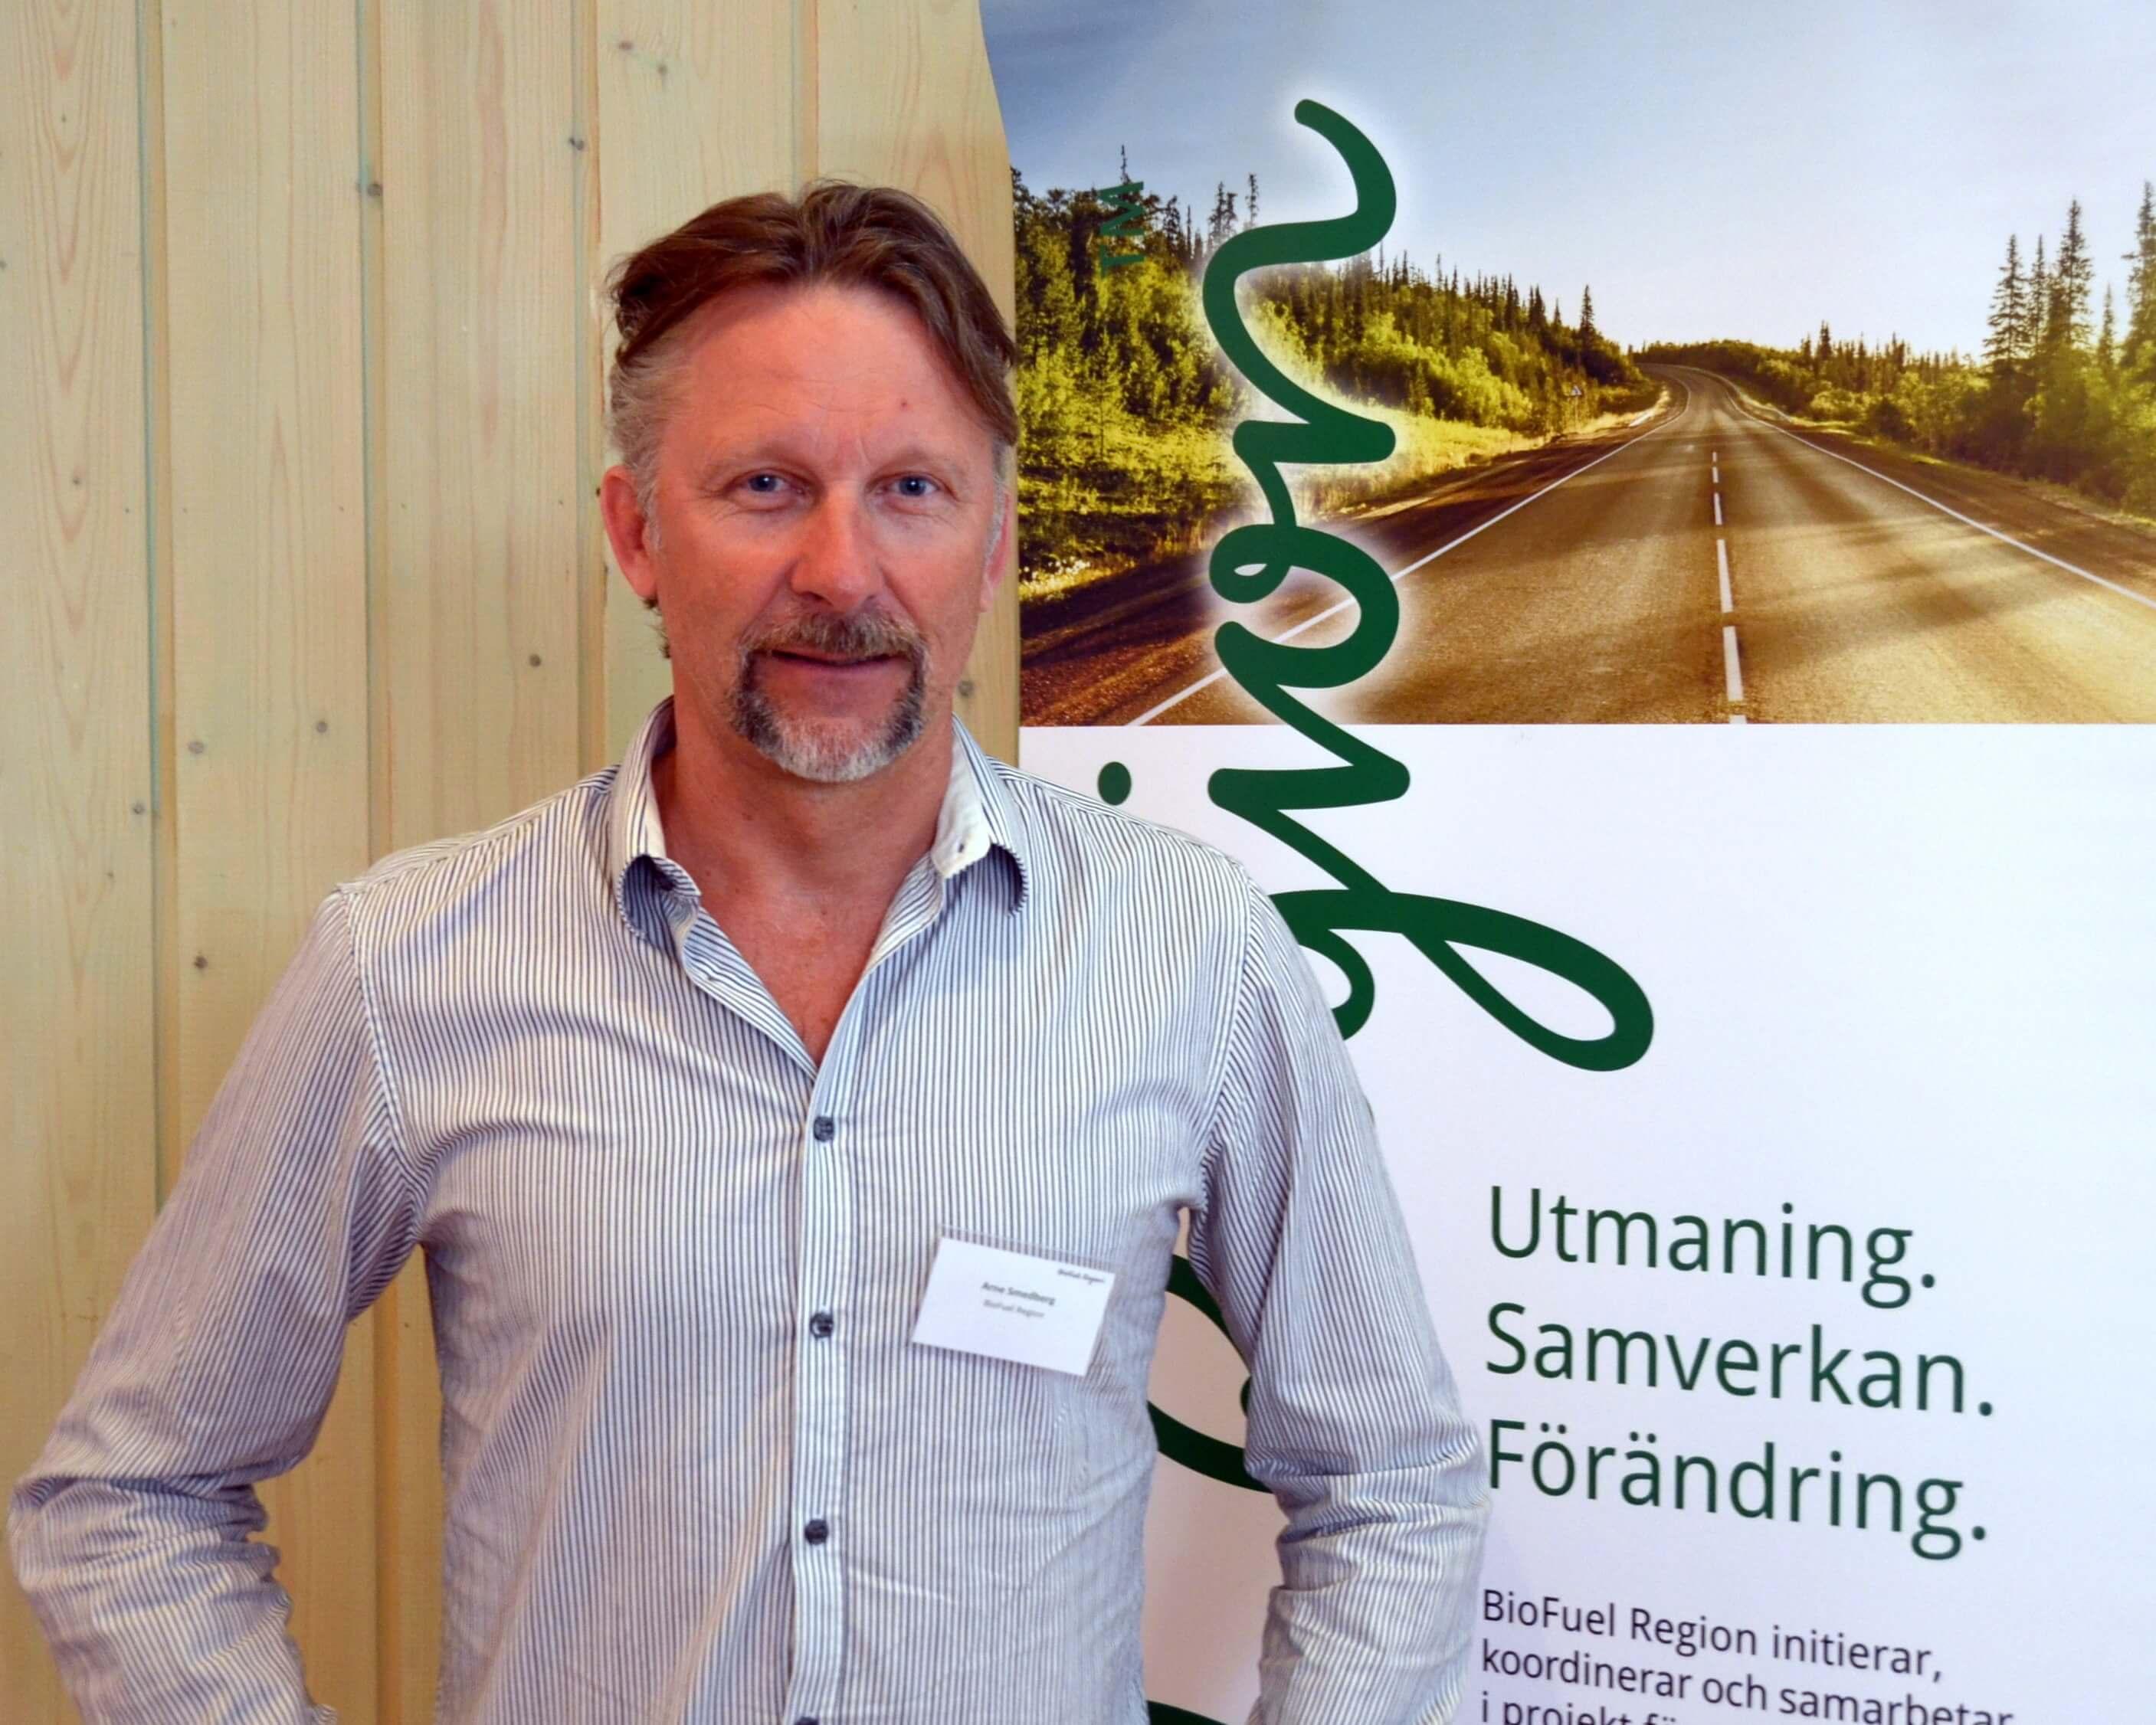 Arne Smedberg, vd, BioFuel Region levererade glasklara underlag till stämmorna